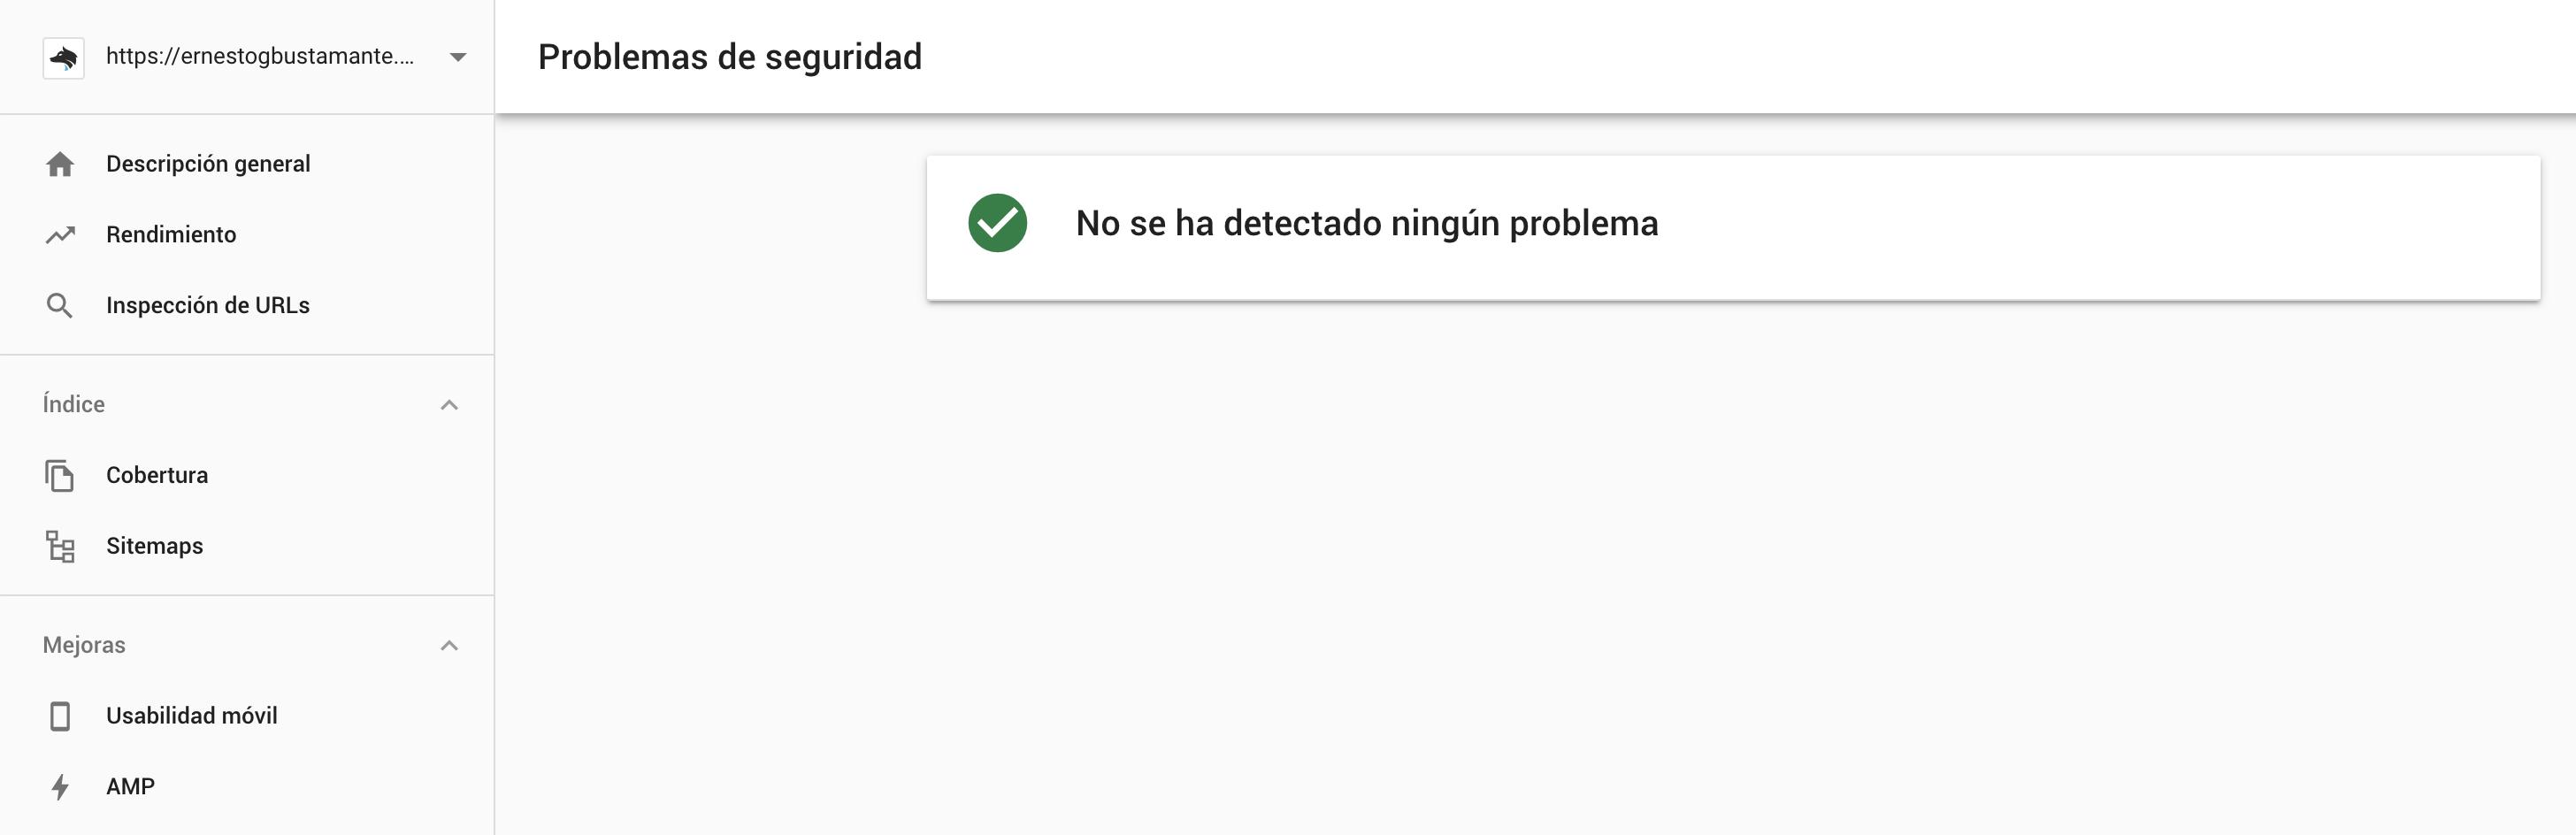 Problemas de seguridad - Nueva Google Search Console